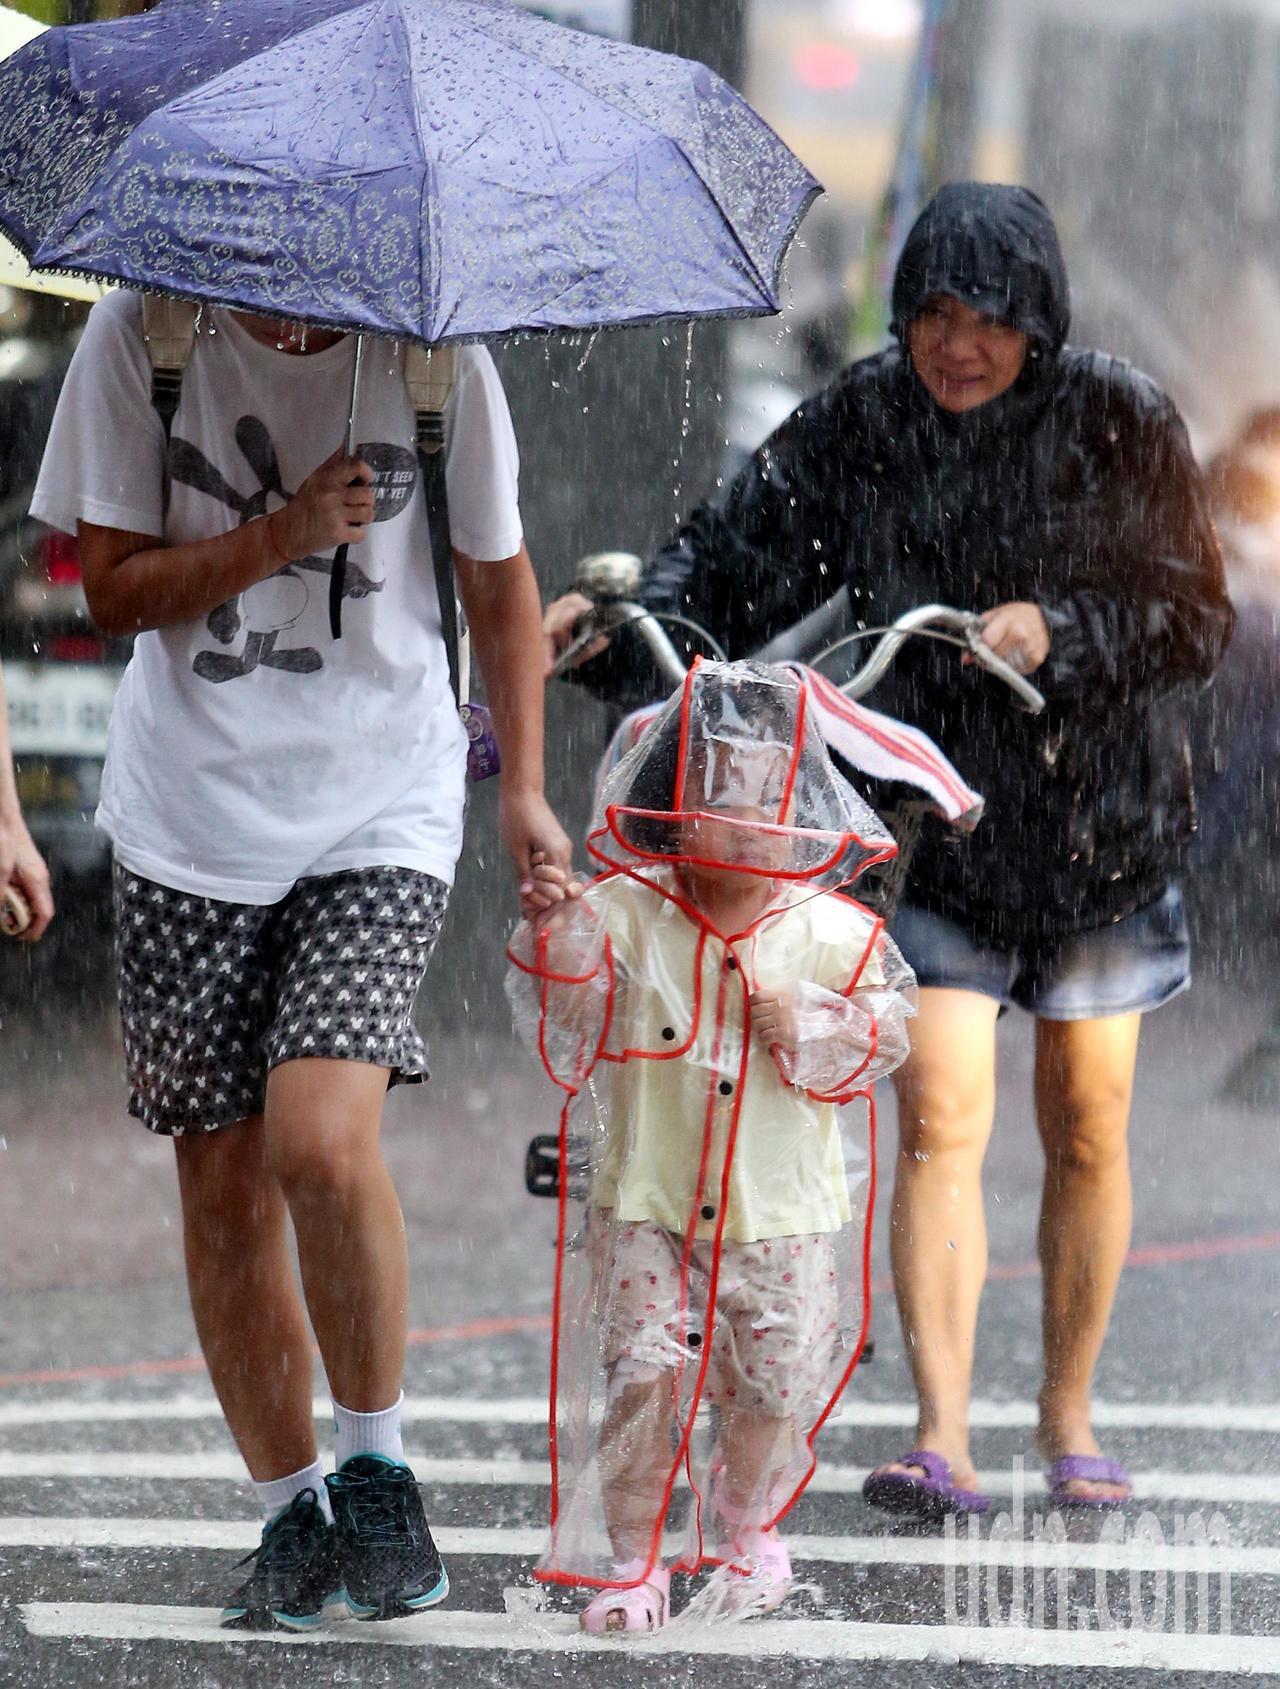 午後對流雲系發展旺盛,大台北地區午後下起夾帶雷聲的滂沱大雨,暮色中一位家長牽著穿...